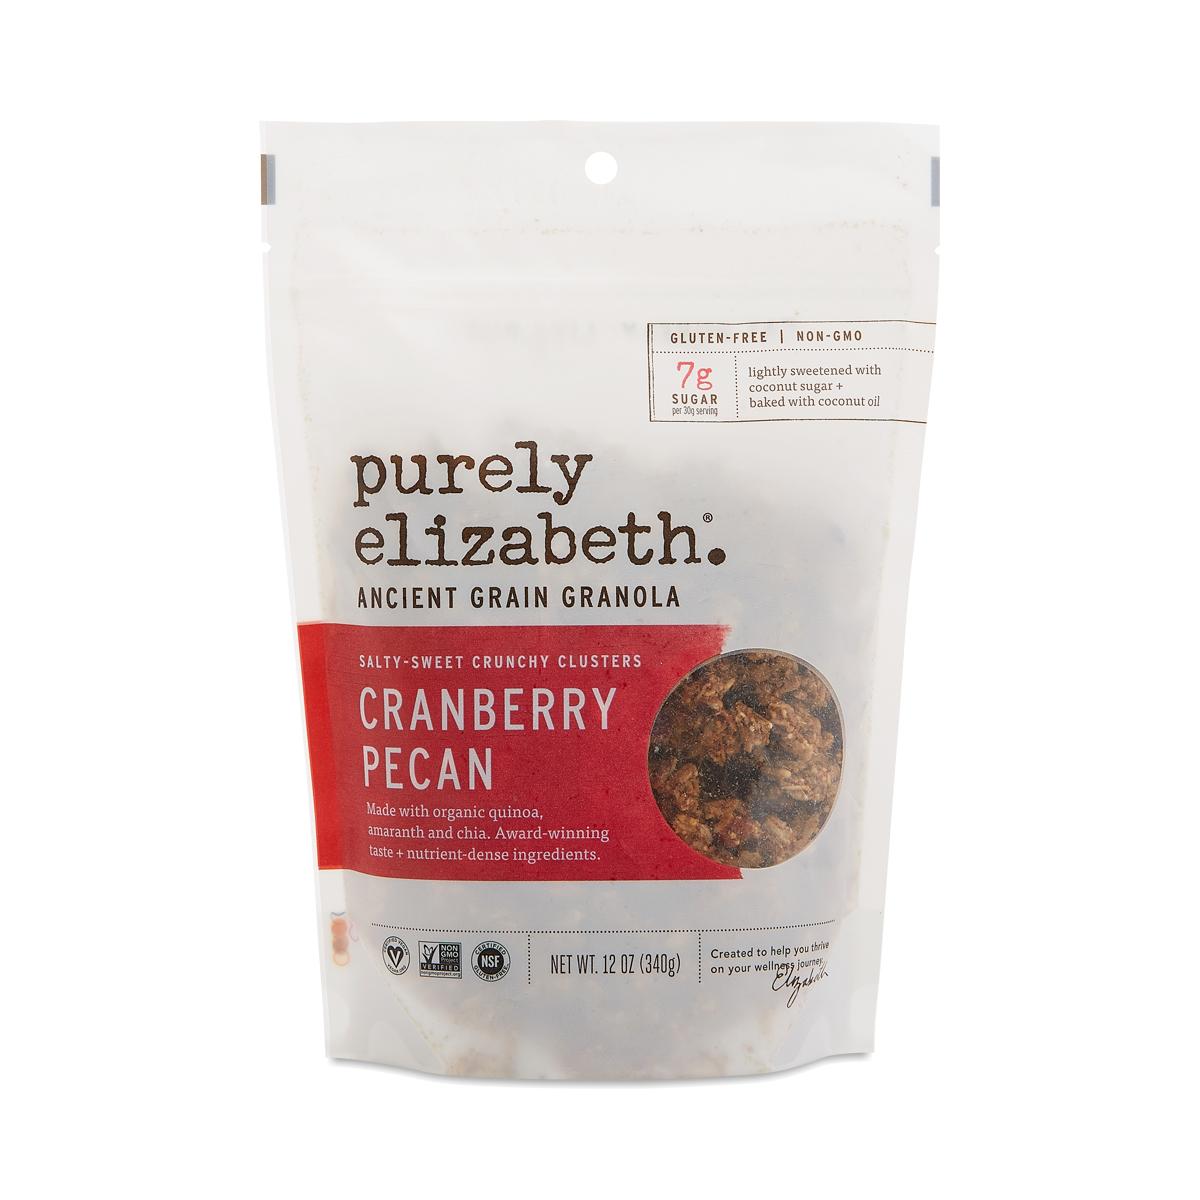 Purely Elizabeth Ancient Grain Granola Cereal, Cranberry Pecan 12 oz bag